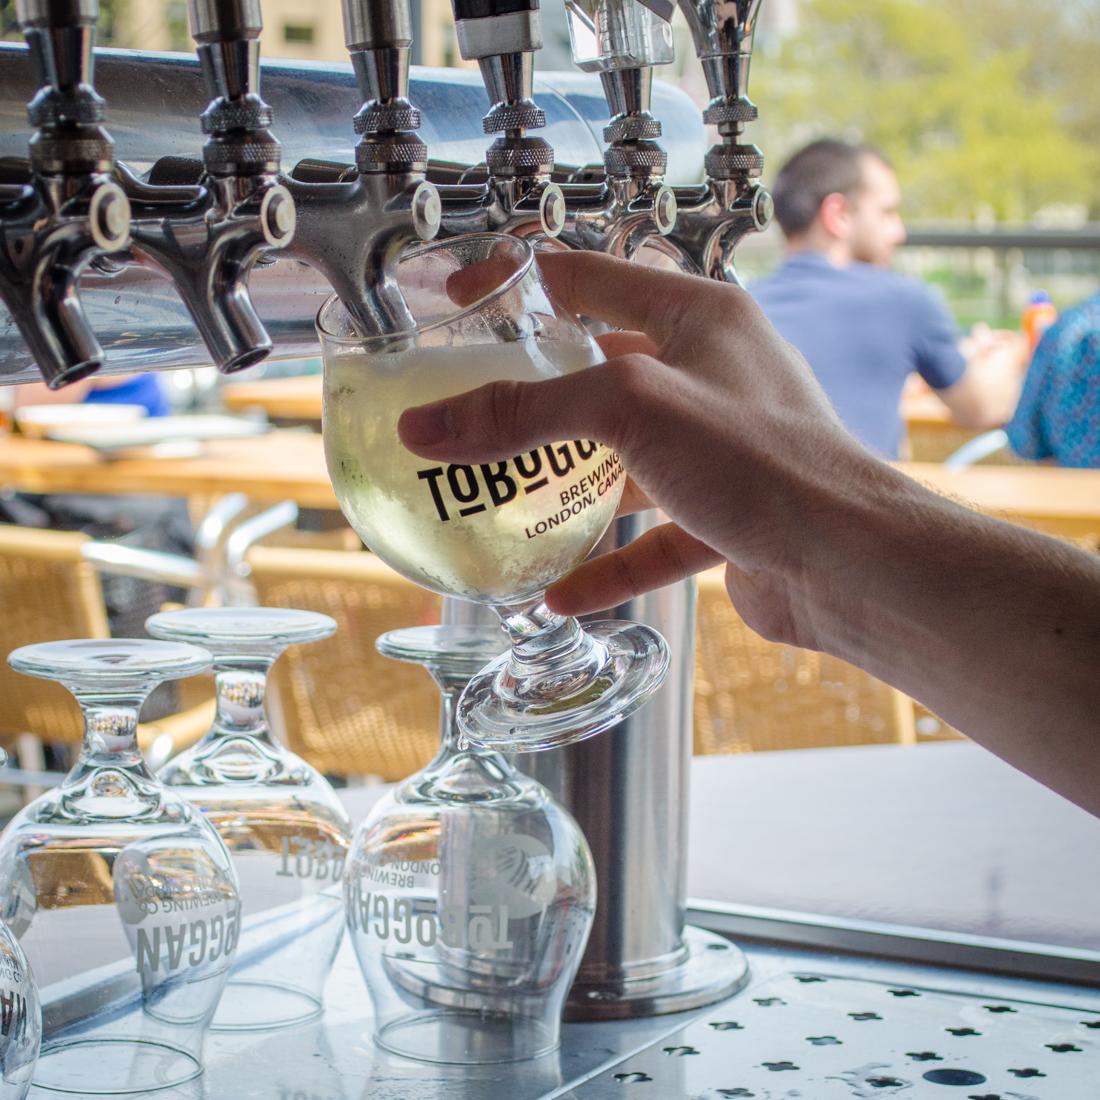 Toboggan Brewing Co. Cider